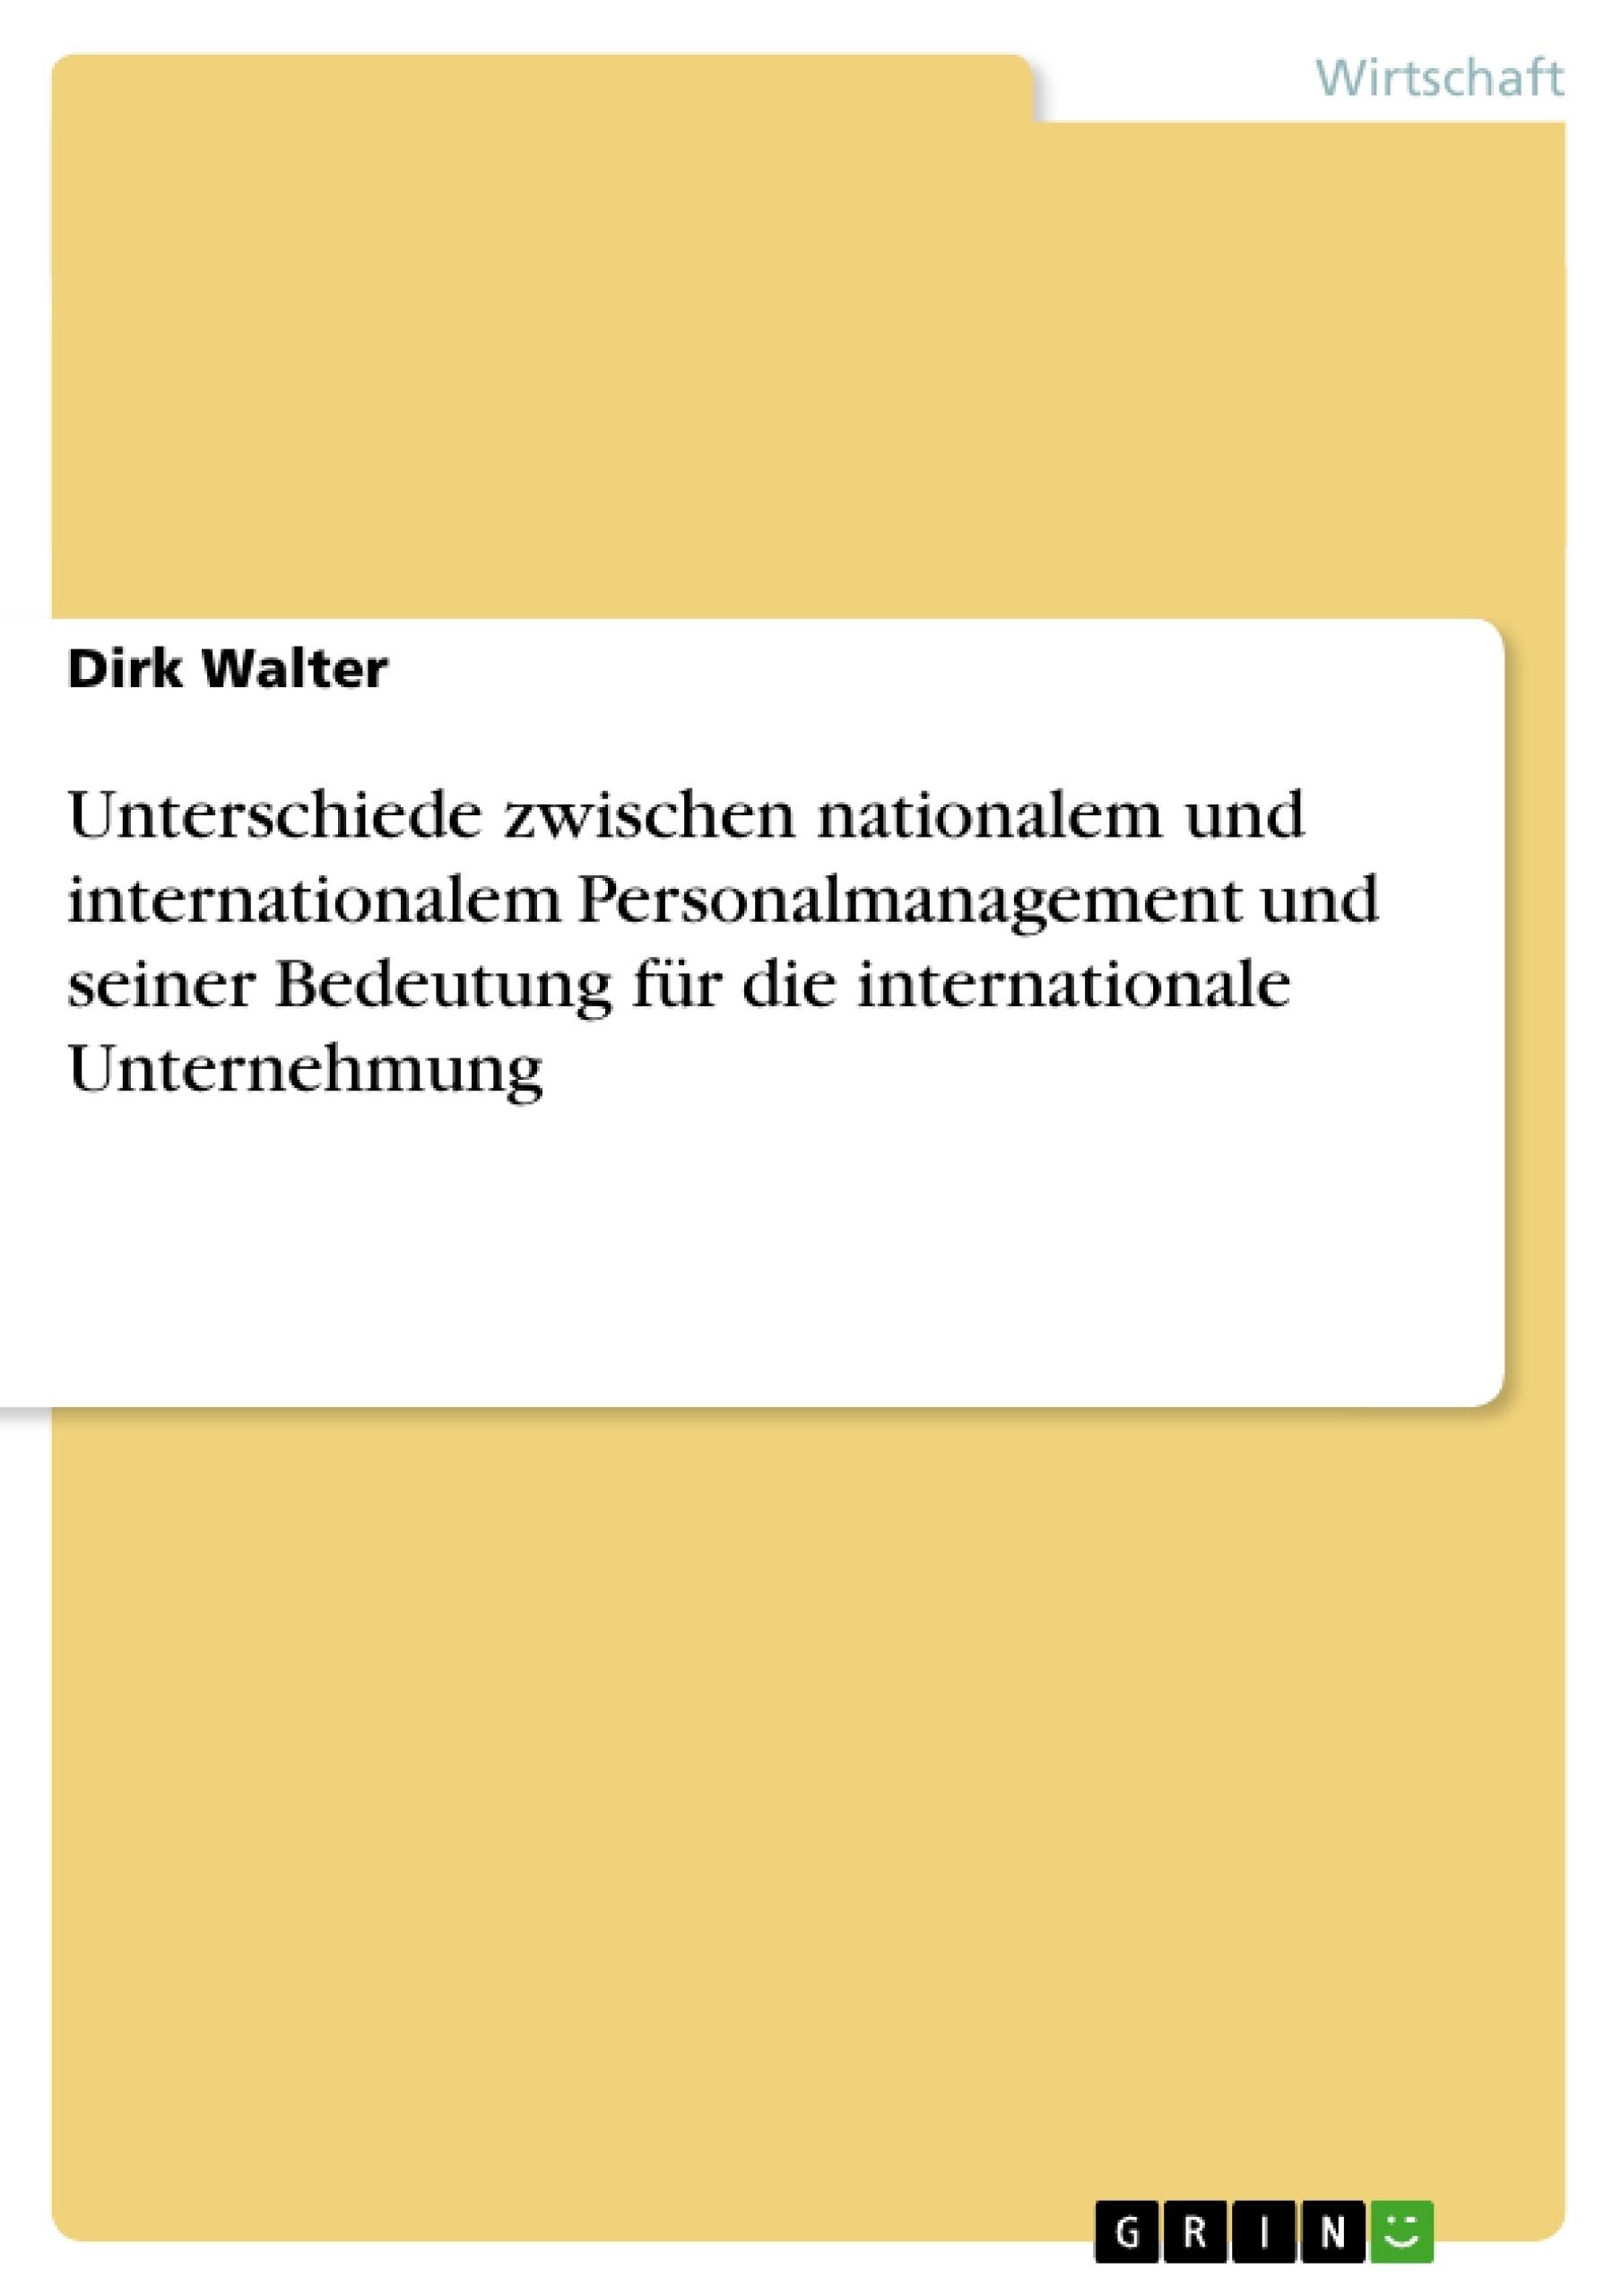 Titel: Unterschiede zwischen nationalem und internationalem  Personalmanagement und seiner Bedeutung für  die internationale Unternehmung